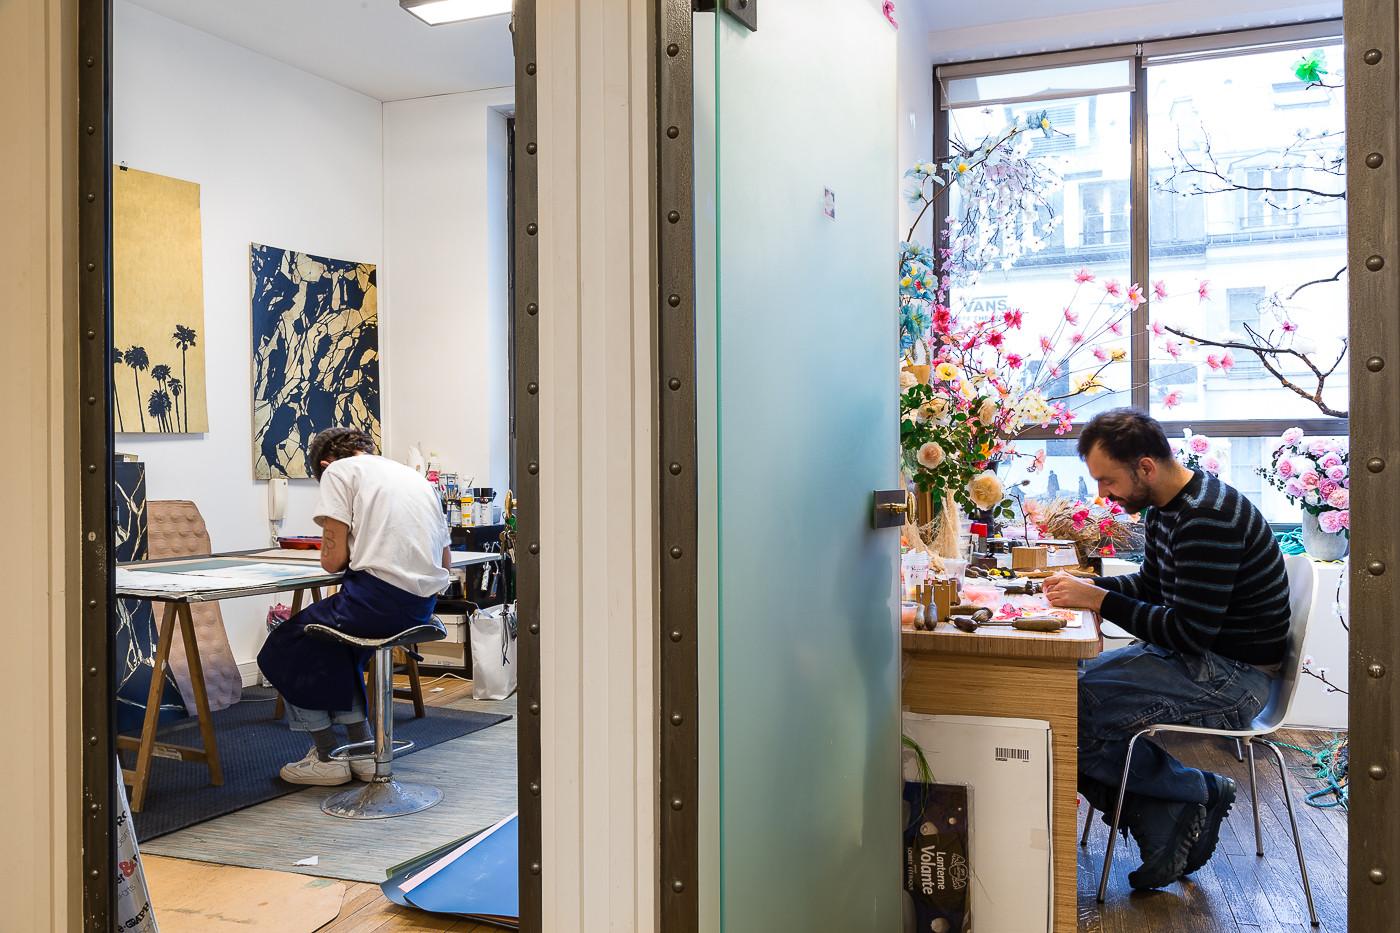 Les_Ateliers_de_Paris_©_Florent_Mulot_(3